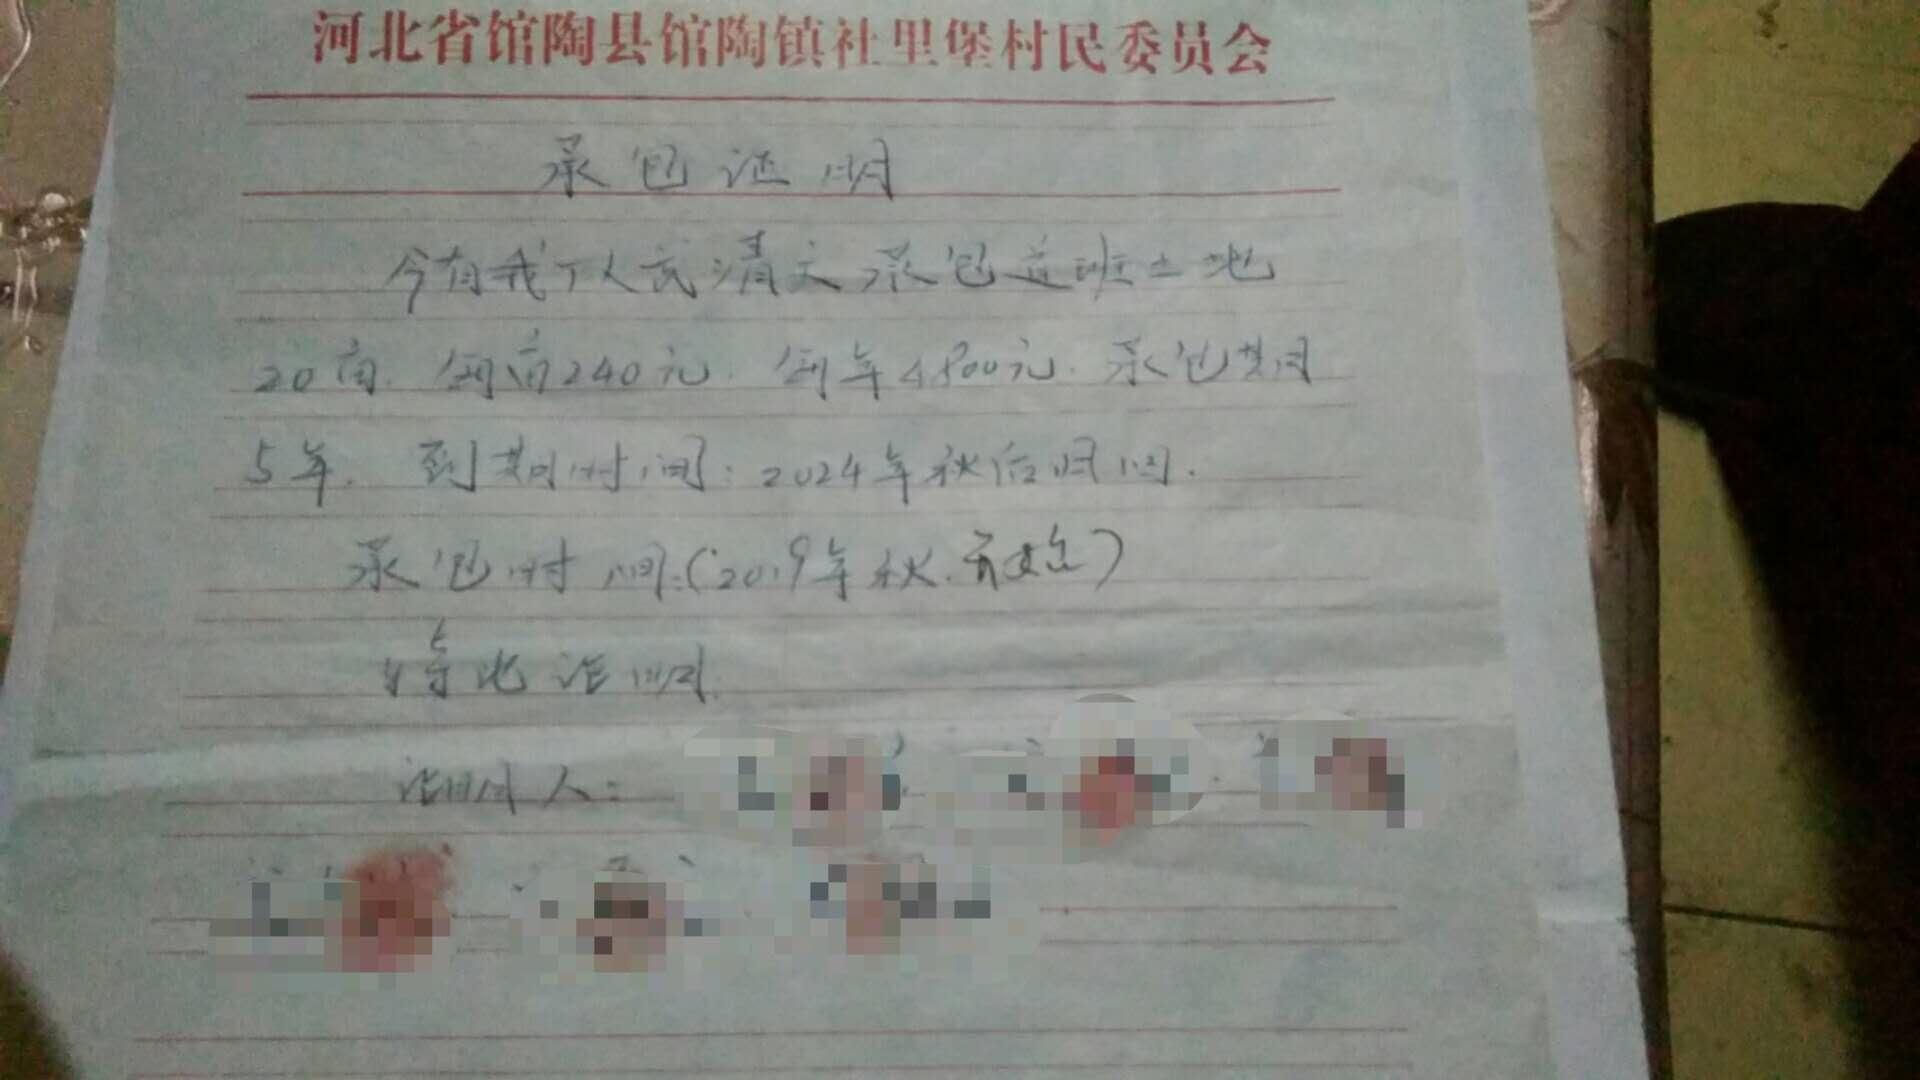 武清文2019年续包土地的《承包证明》,包括他在内,同一村组还有另外五人作为代表签字按指纹。